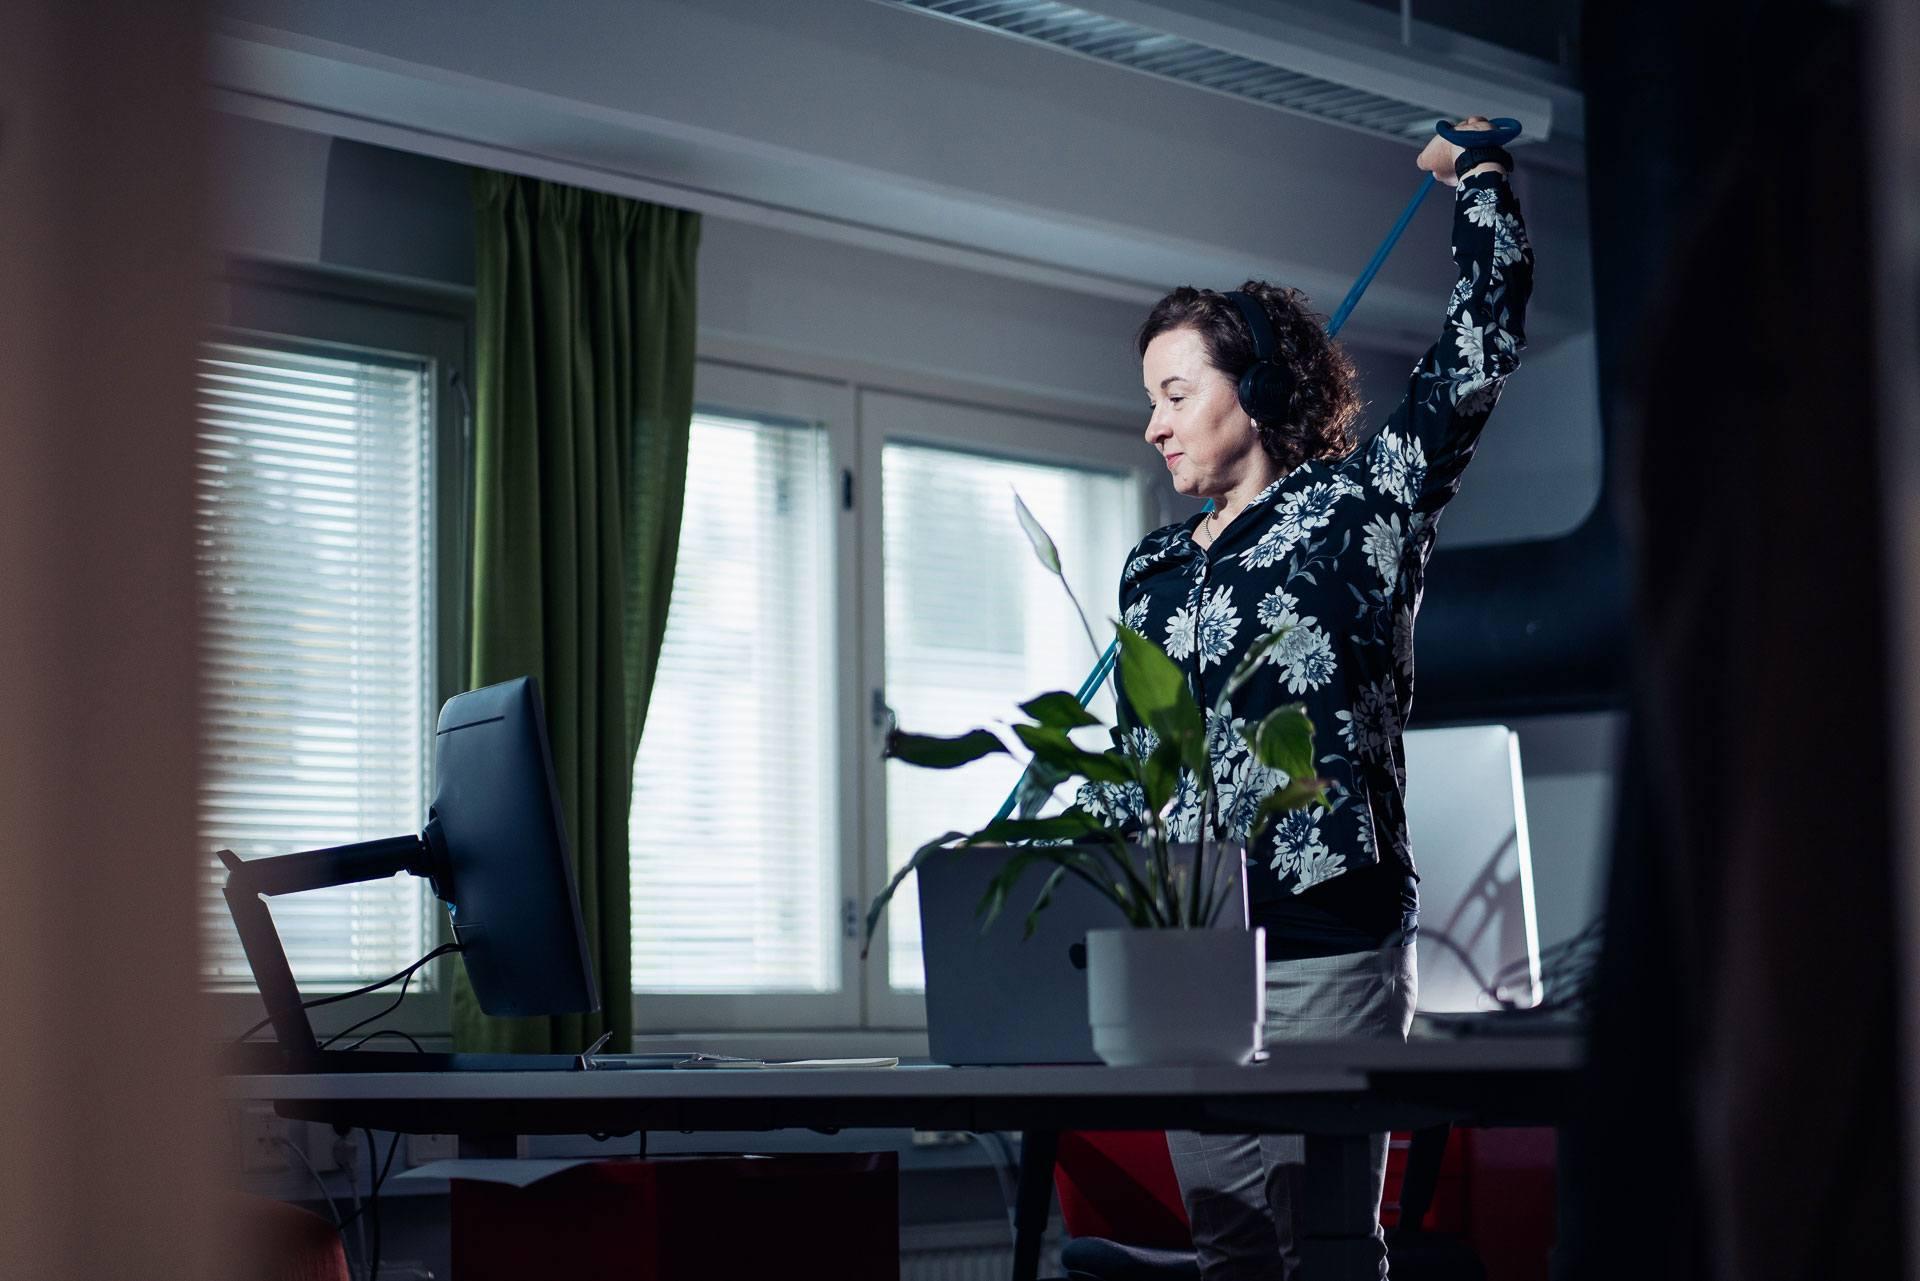 Nainen venyttelee kuminauhan kanssa seisten työpöydän äärellä.